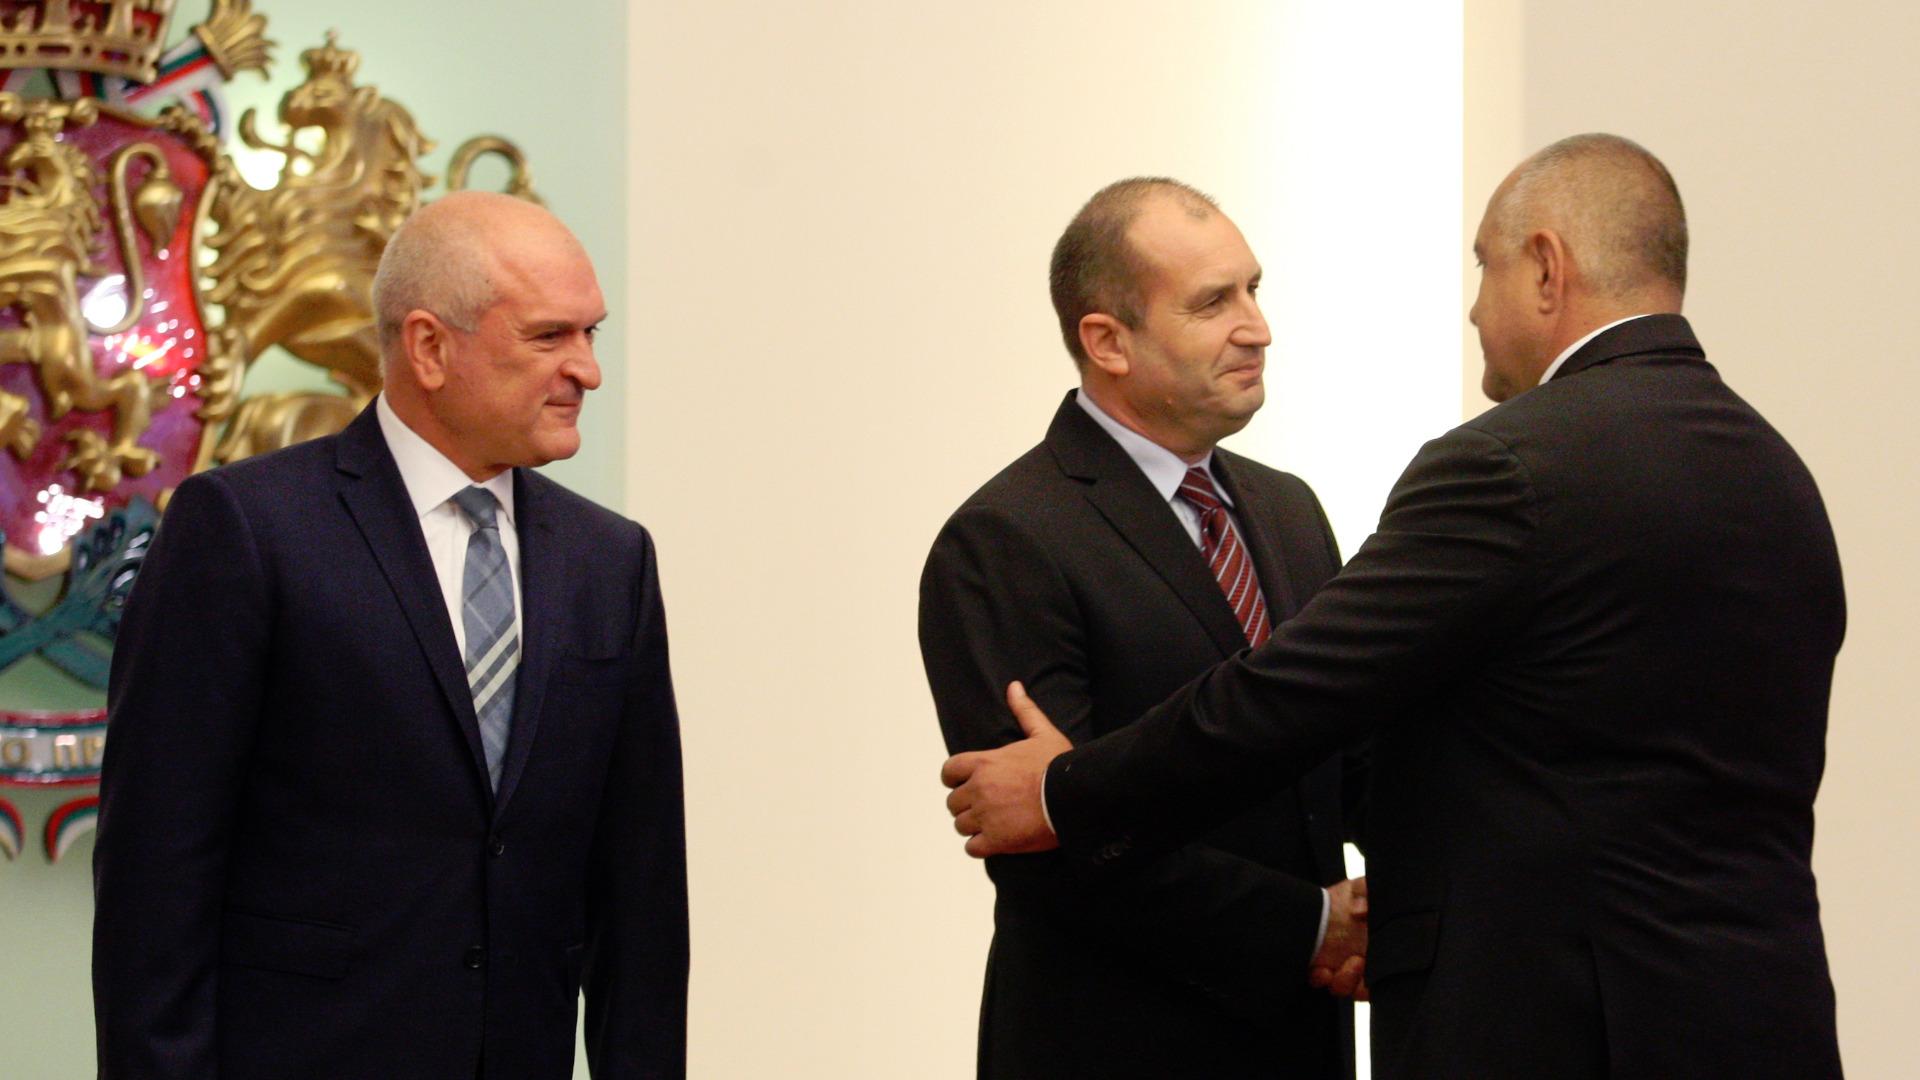 Димитър Главчев, Румен Радев и Бойко Борисов